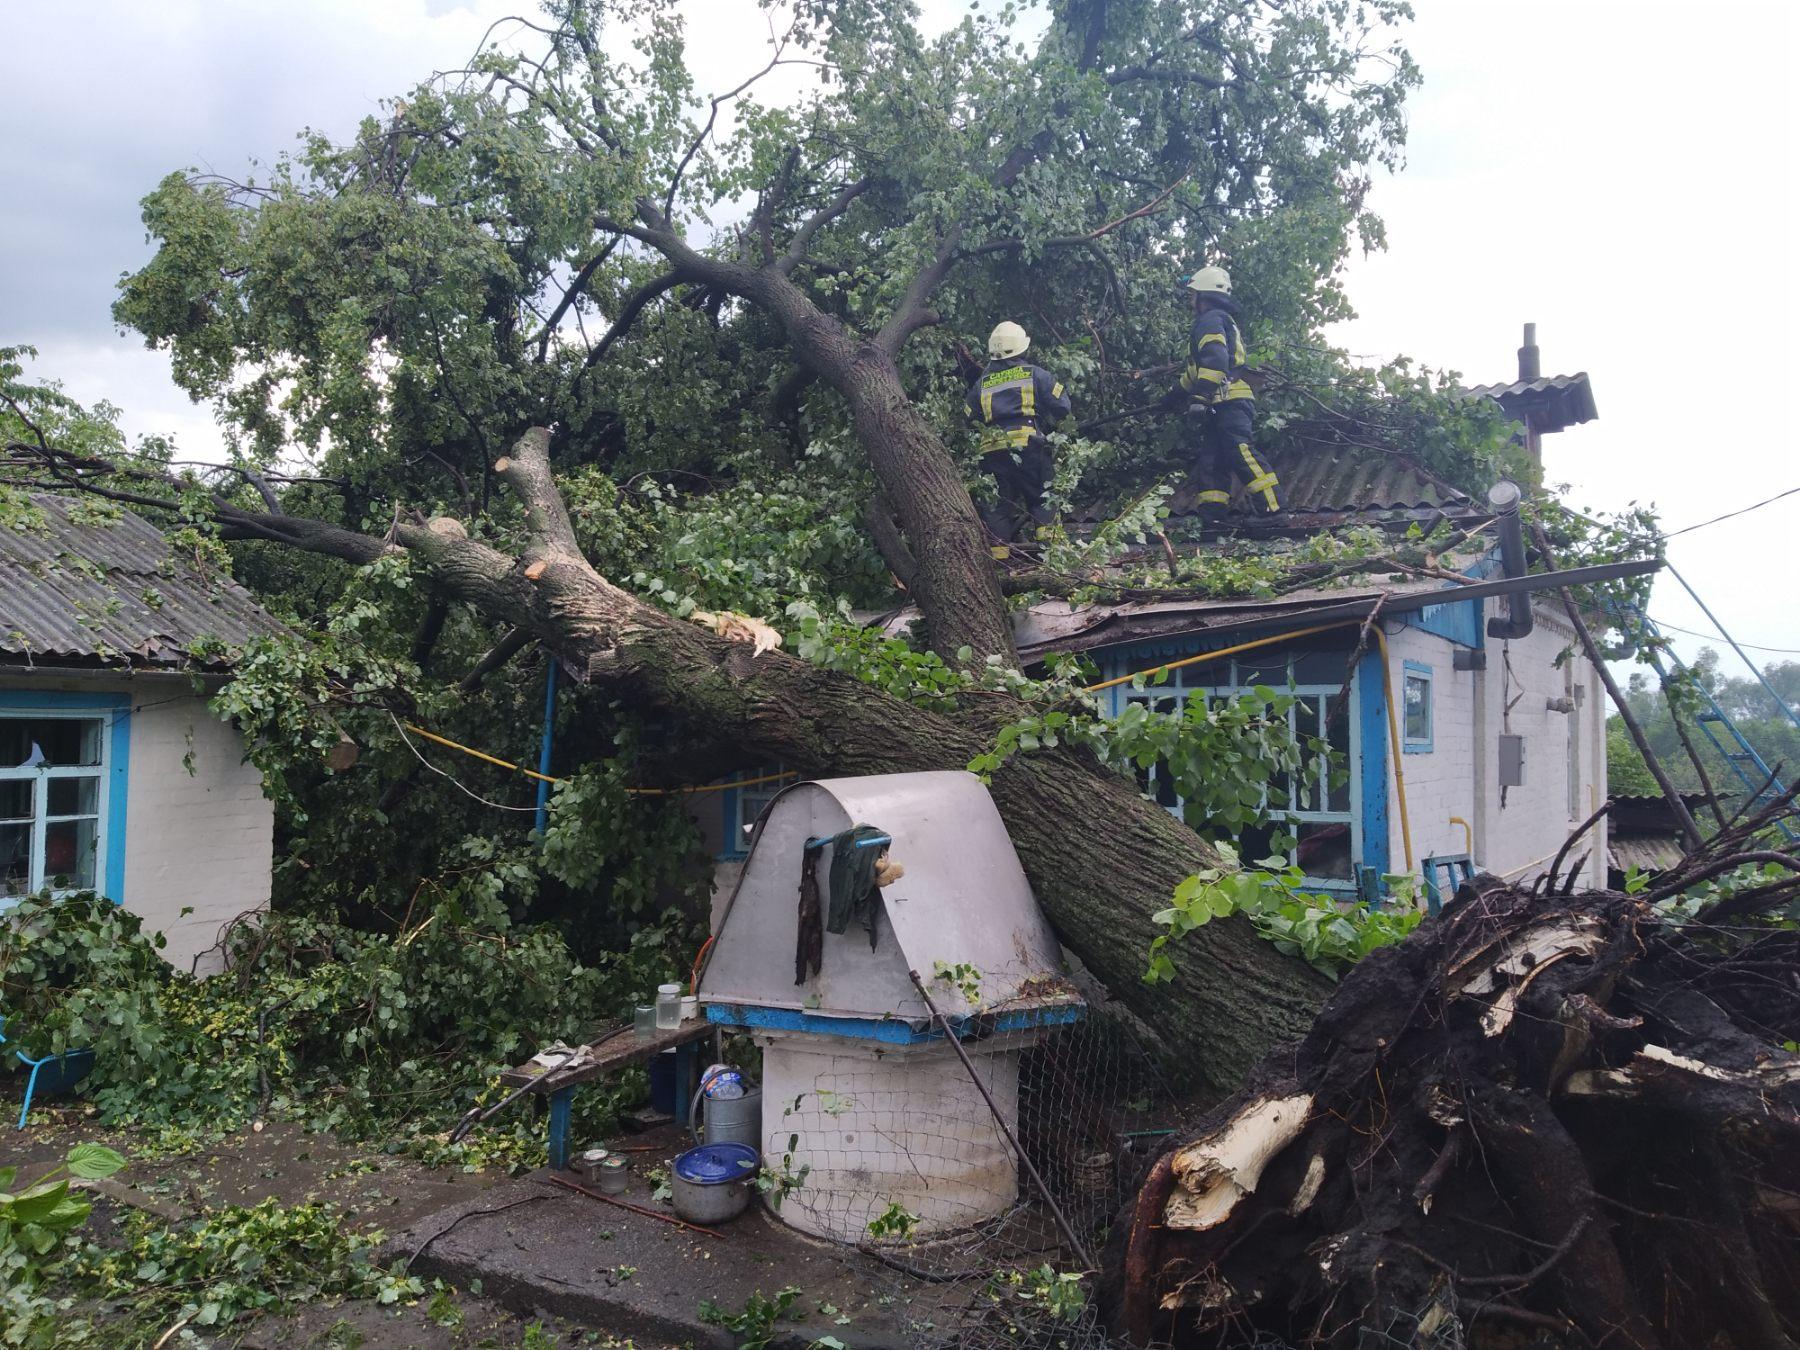 На Обухівщині велике дерево впало на приватний будинок -  - media share 0 02 05 85ab054111f68f7d6505b4f5043fd4cc963c2c7202373565dfdbb85358143ec8 5fa953ce 42d5 45fb b1f5 552265afe204